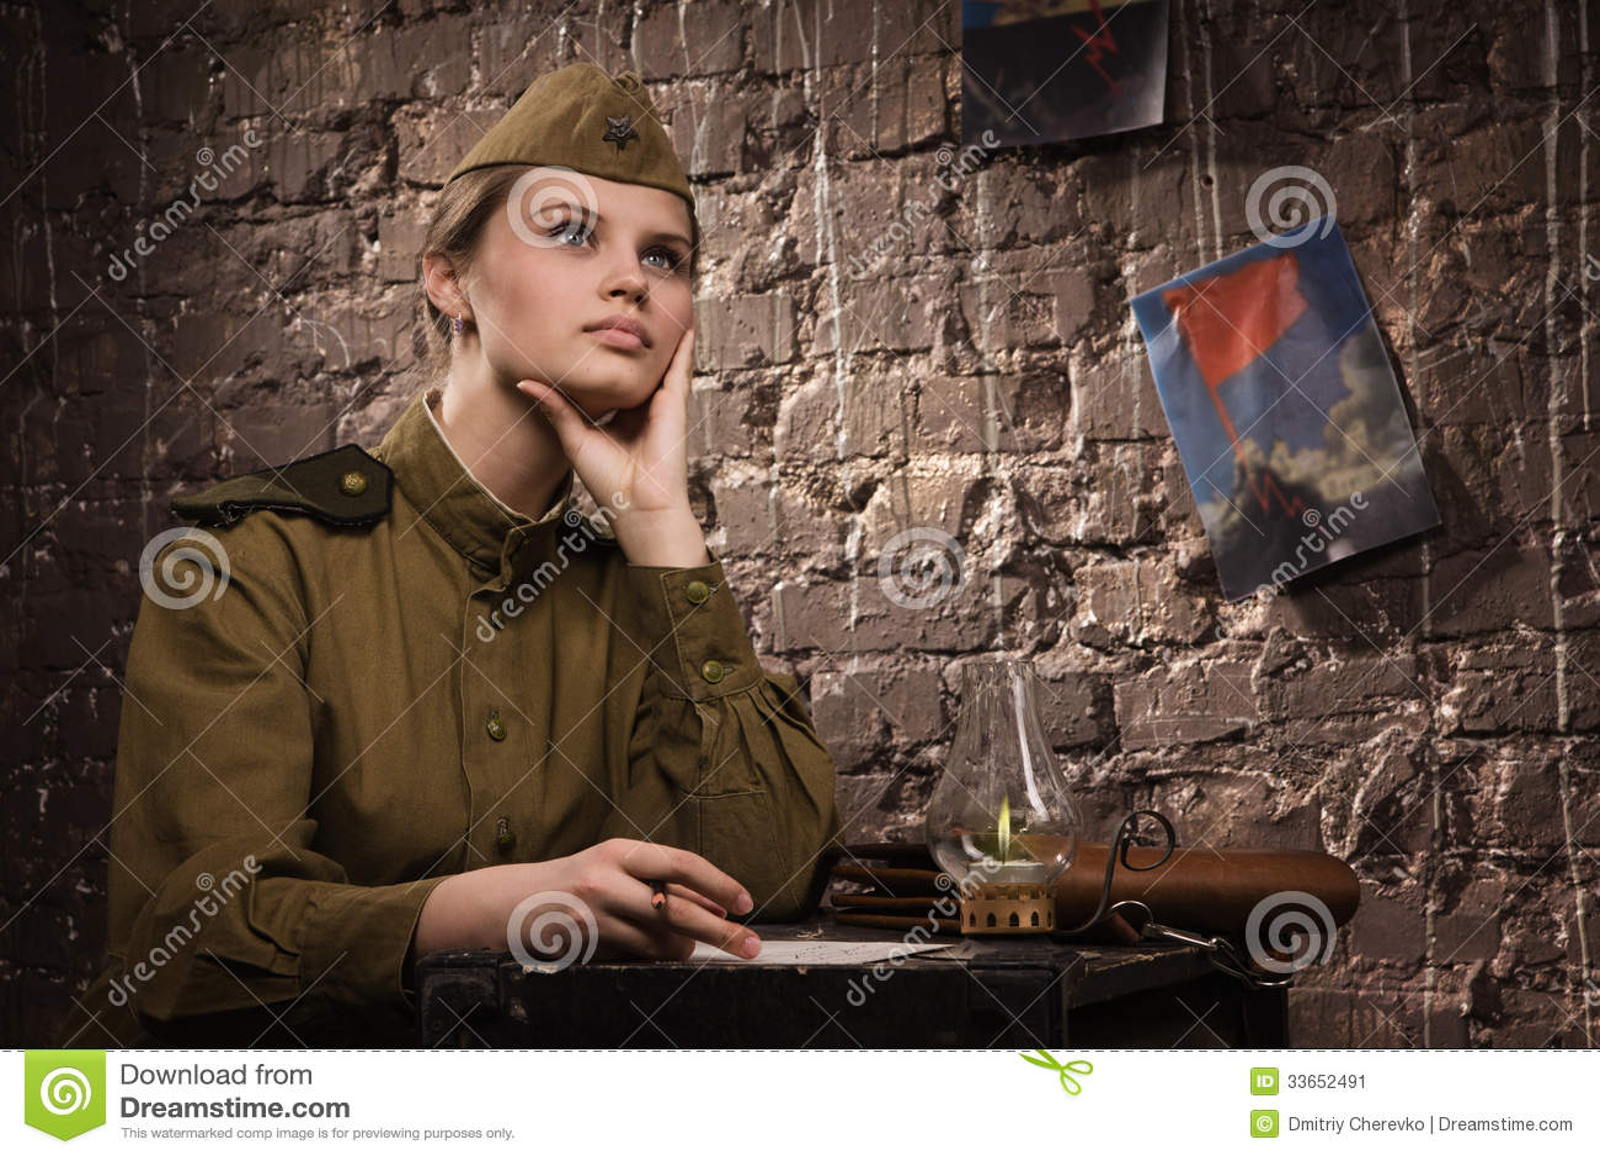 Военные фото девушек великой отечественной